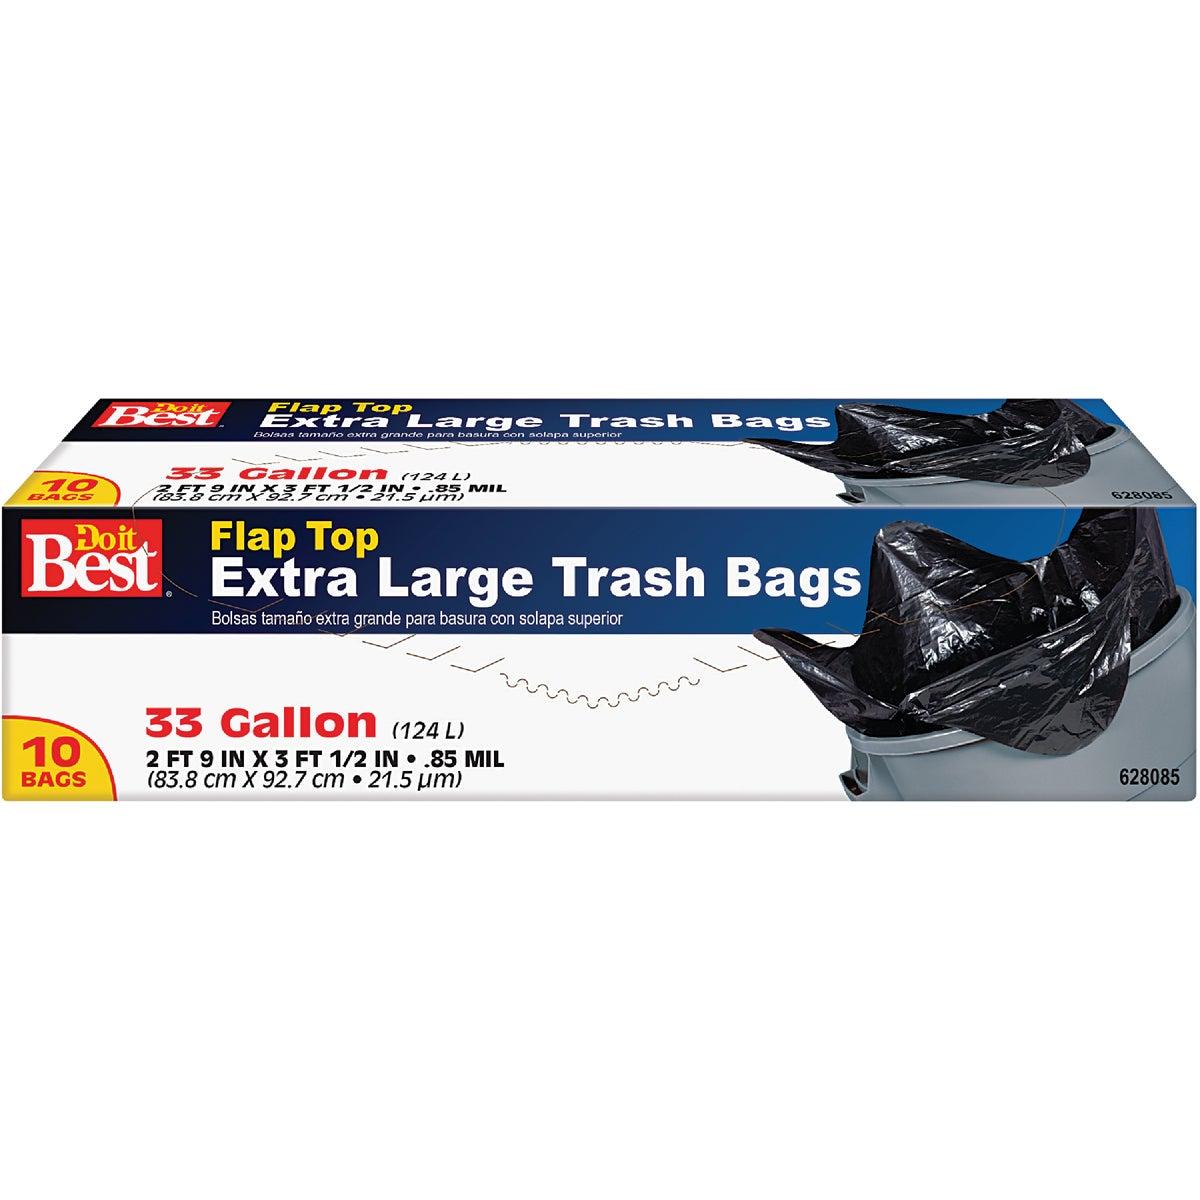 10CT 33GAL TRASH BAG